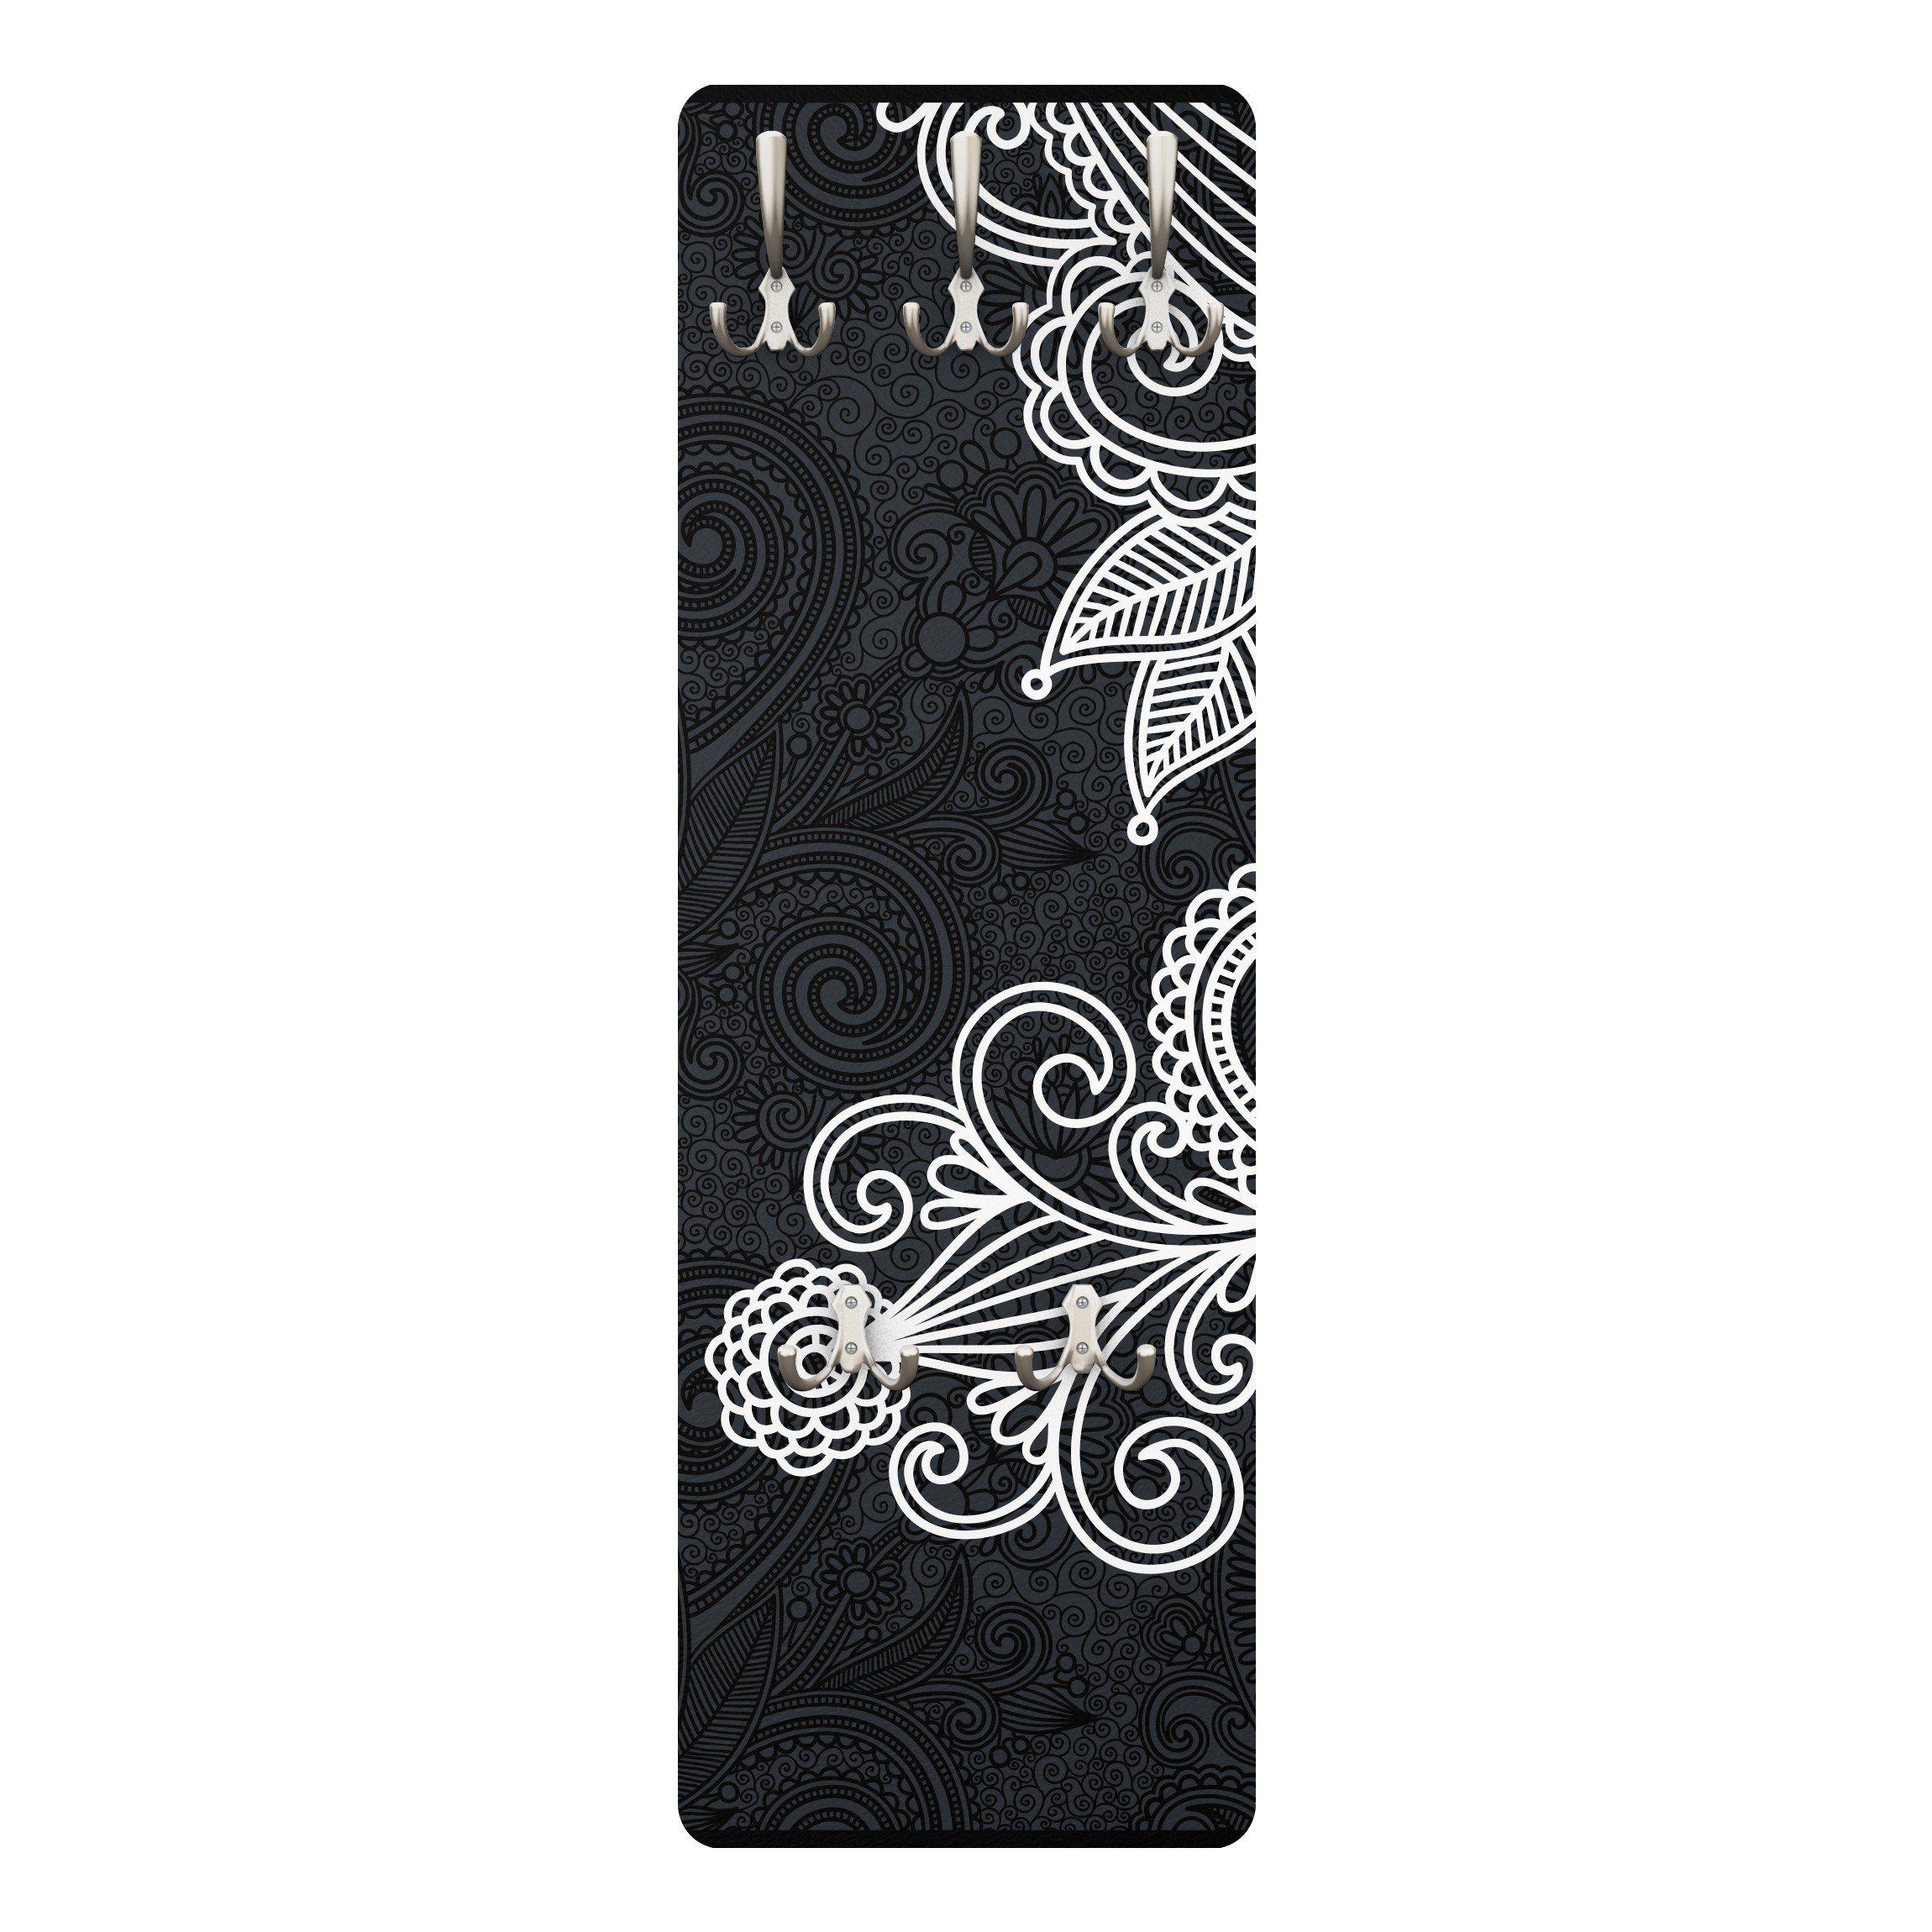 Bilderwelten Wandgarderobe 139x46x2cm »Gothic Ornament« | Flur & Diele > Garderoben > Garderobenhaken | Weiß - Matt | Holz - Faserplatte - Metall | Bilderwelten